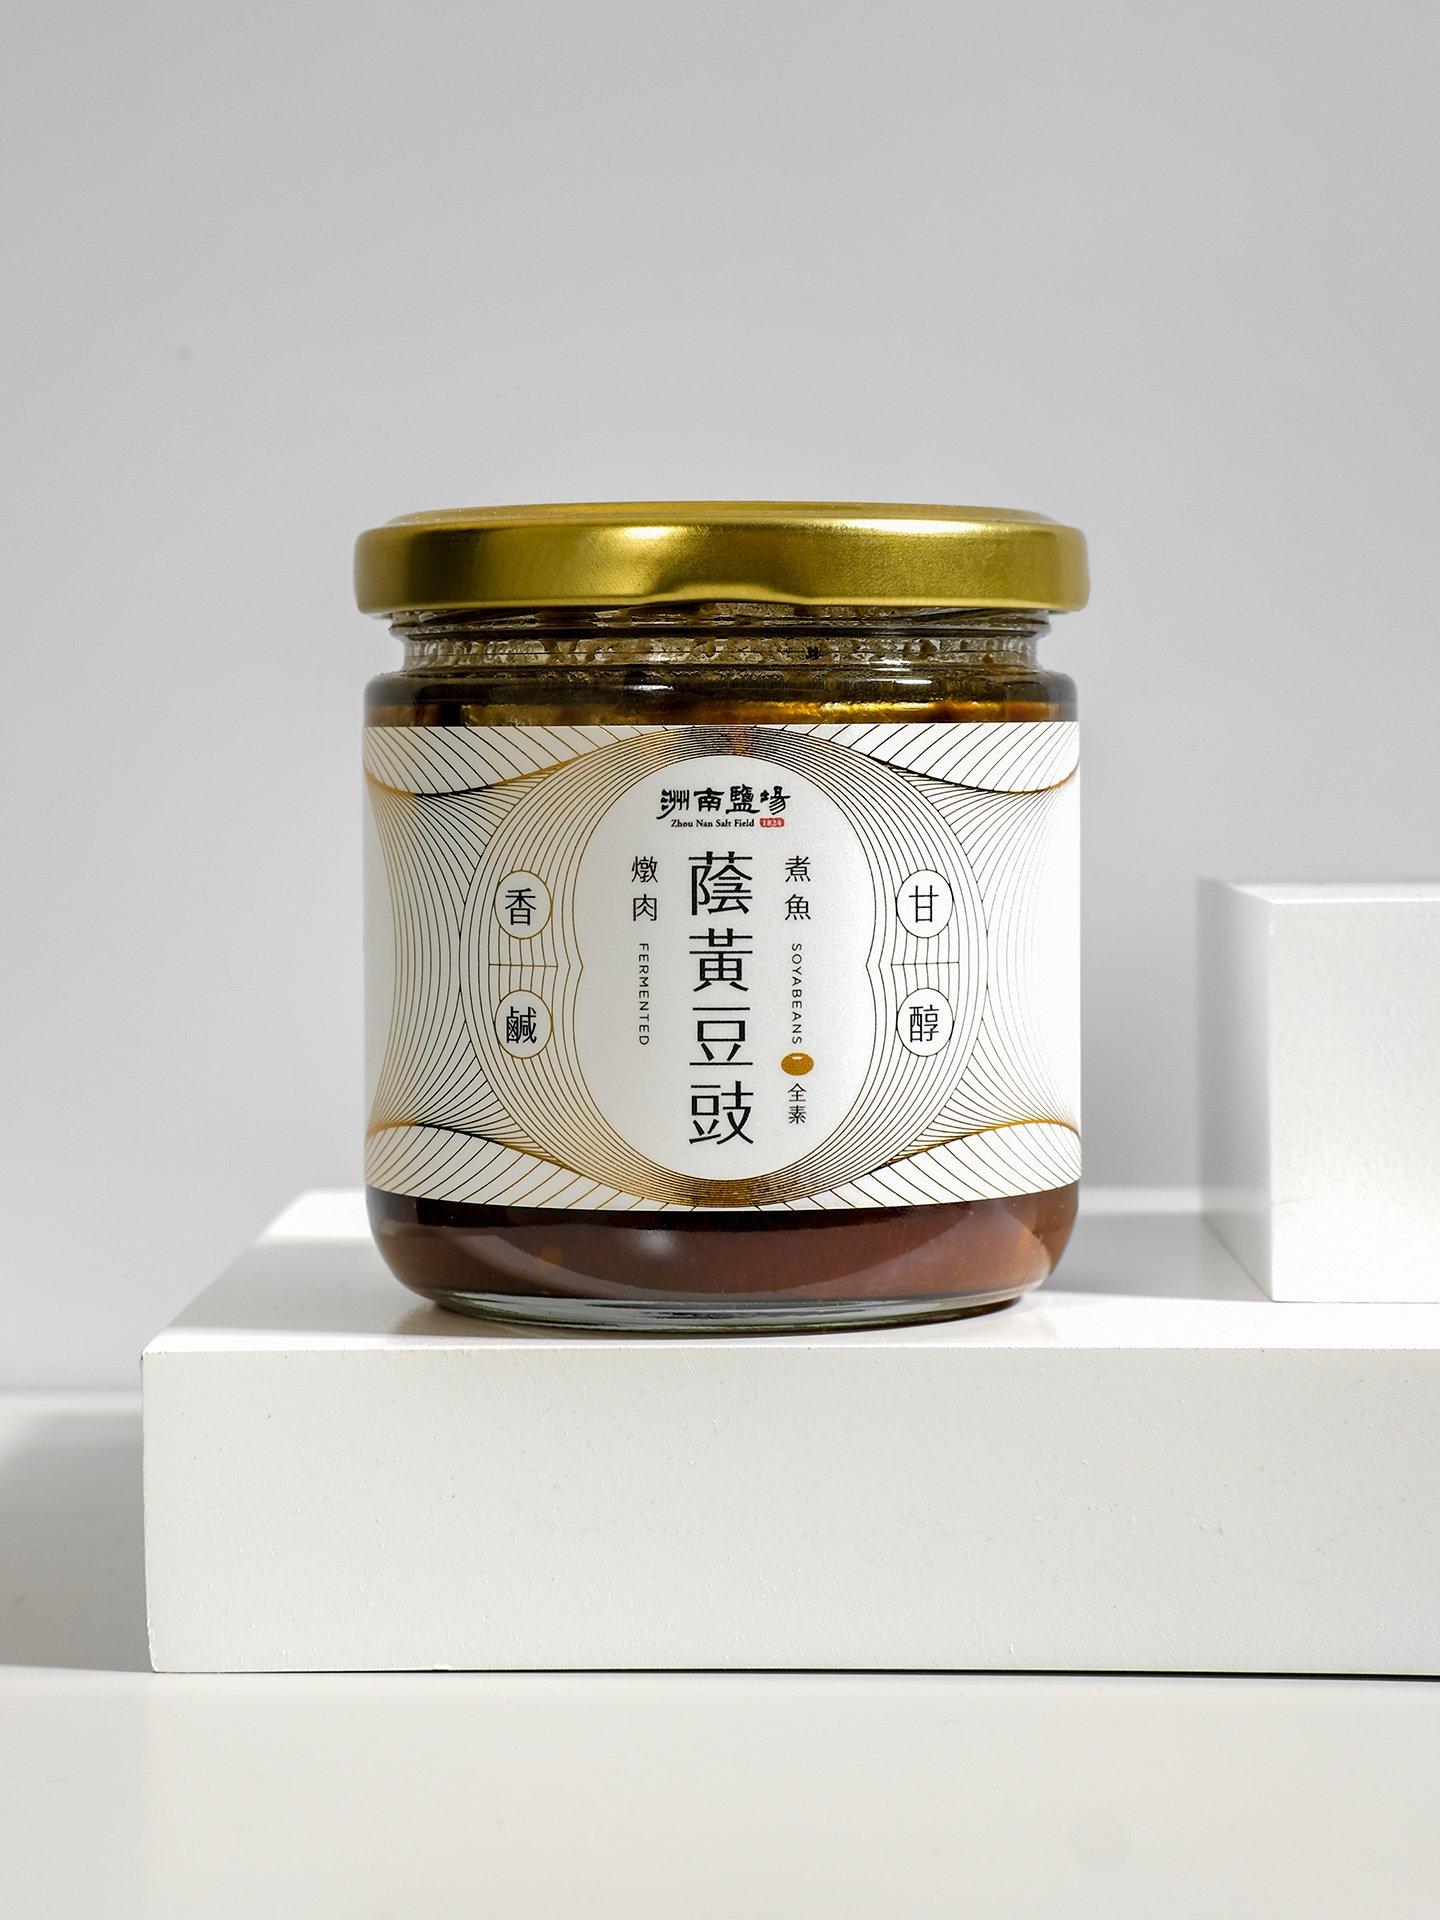 洲南鹽場 2020蔭黃豆豉罐裝包裝設計 2